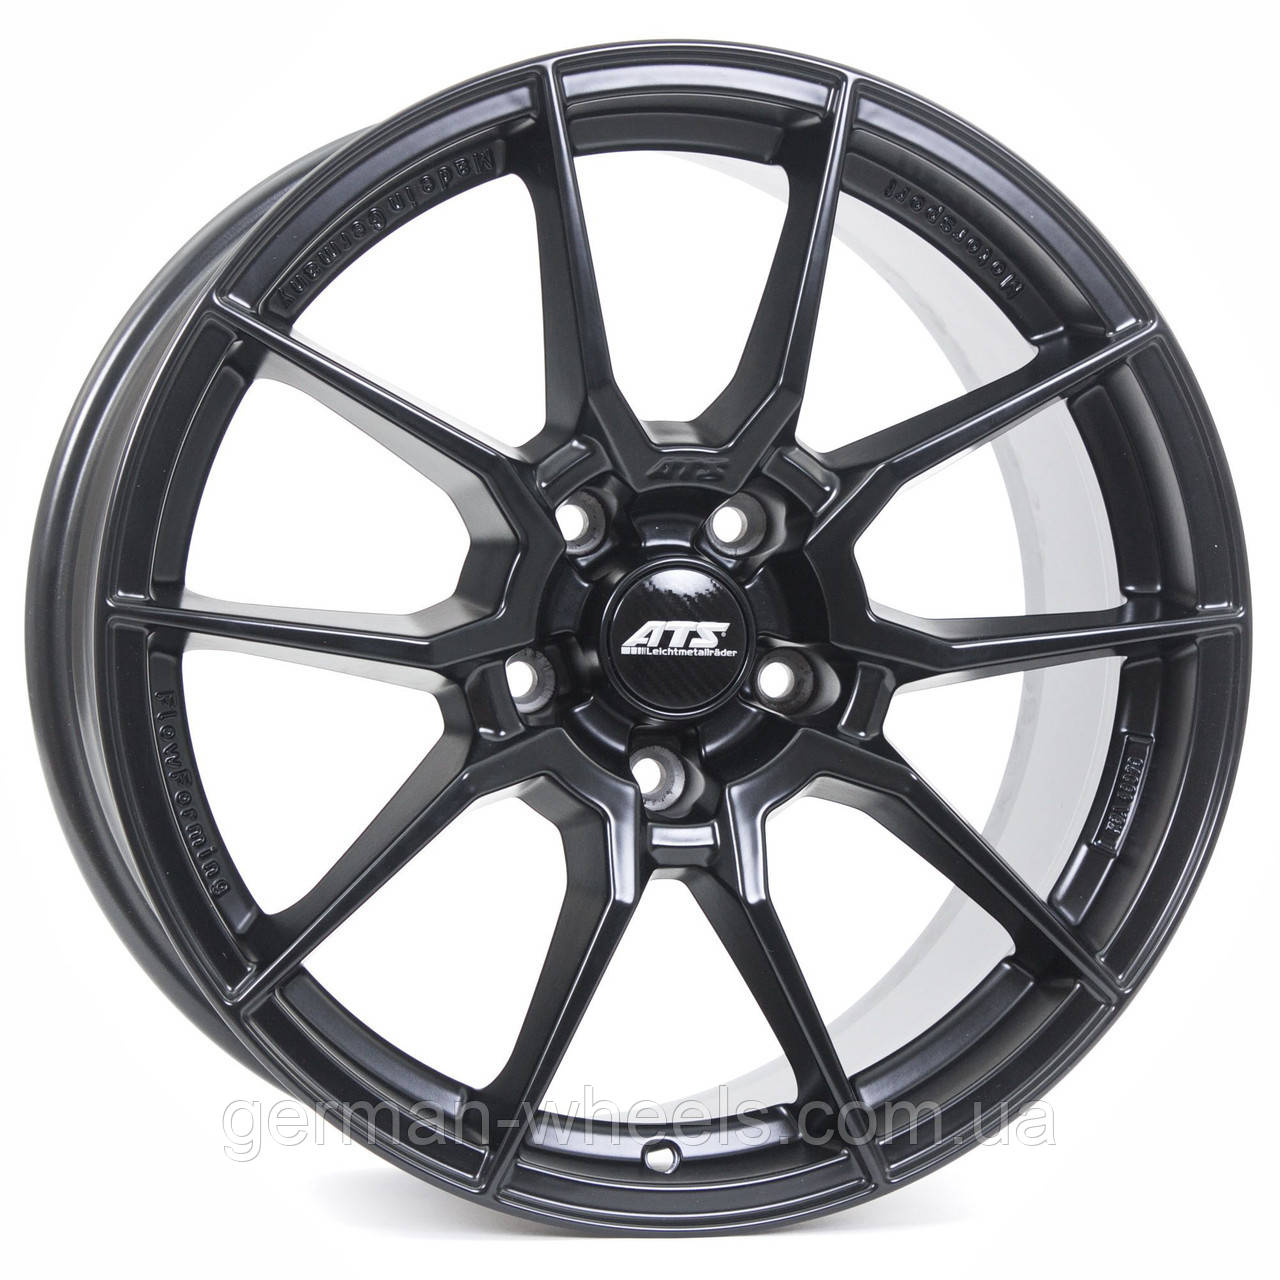 """Диски ATS (АТС) модель RACELIGHT цвет Racing-black параметры 8.5J x 18"""" 5 x 120 ET 38"""